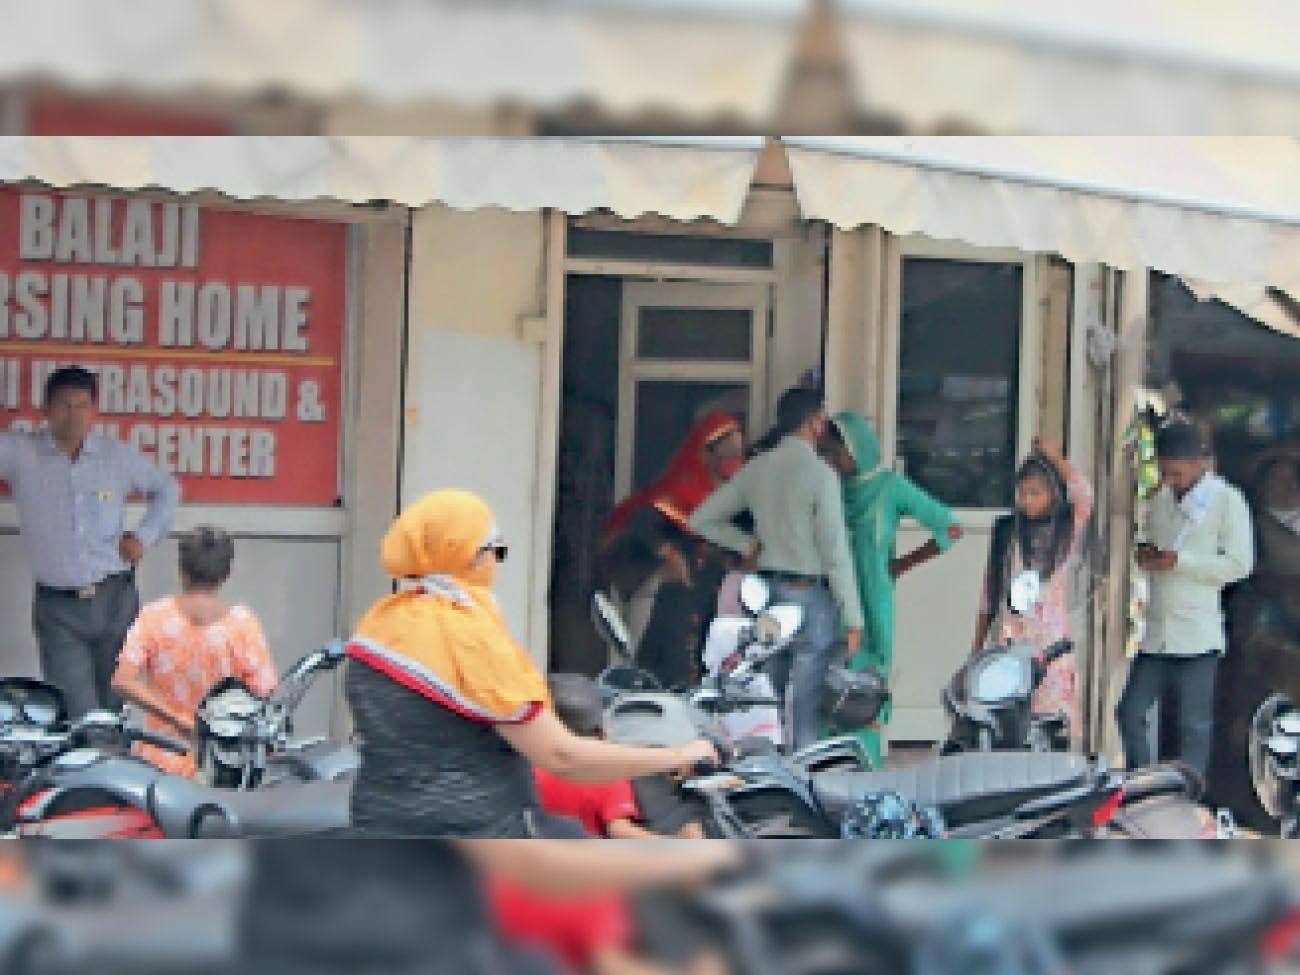 कैथल | पिहोवा चौक पर नर्सिंग होम के सामने खड़े मरीज। - Dainik Bhaskar